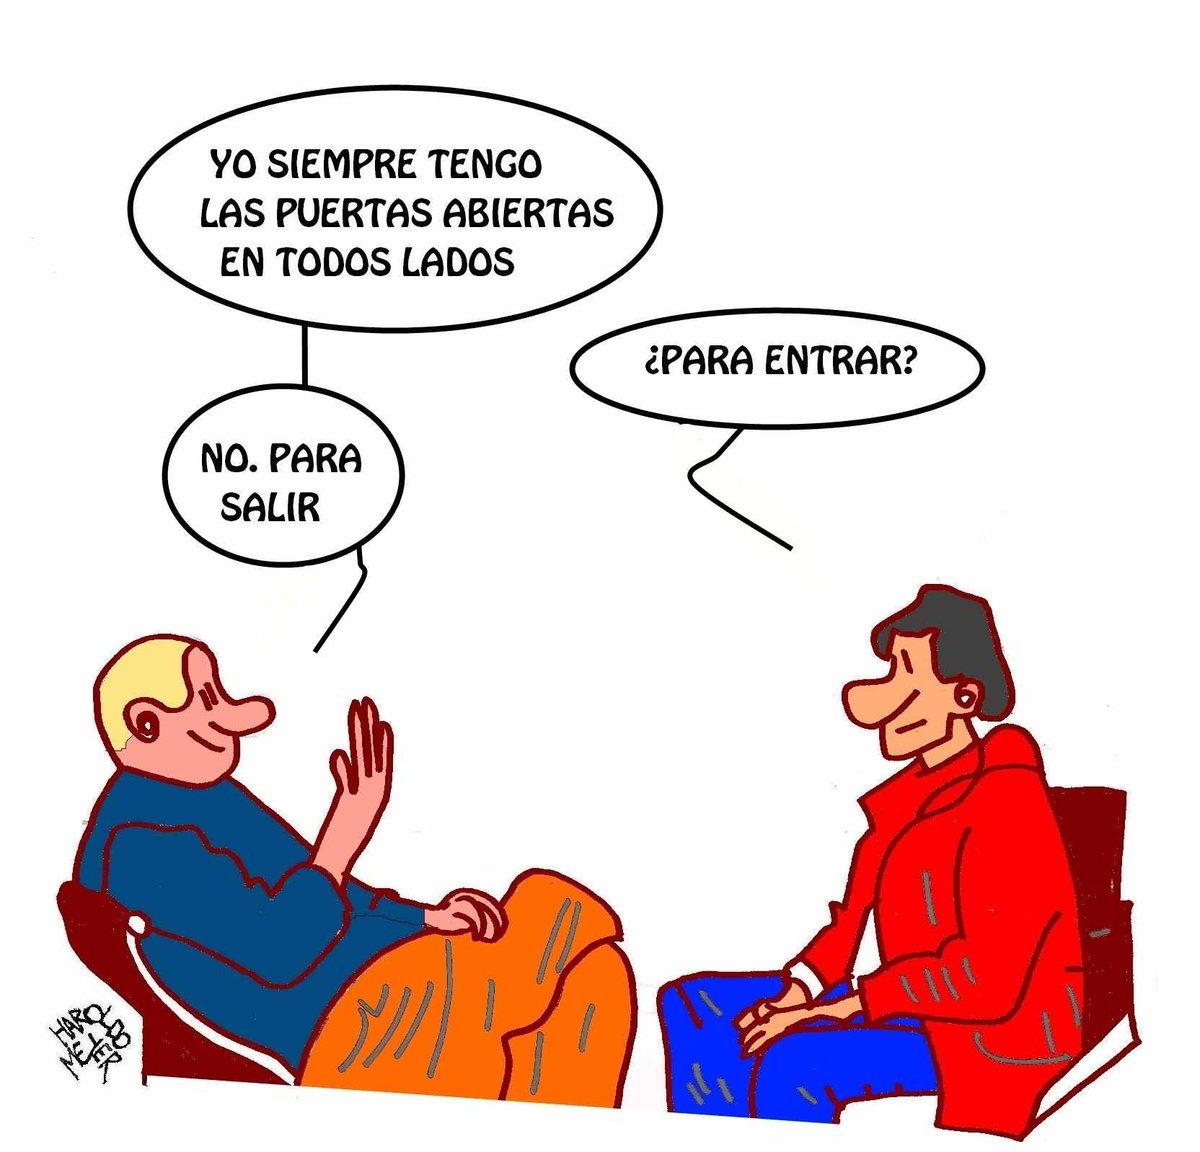 PUERTAS ABIERTAS #humor #FelizJueves #BuenJueves #politicoclimate #Politica #ImagenNoticias #cartoon #cartoons #ilustracion #dibujos #dibujo #arte #diseño #picsart #ArtistOfTheDecade #art #Actualidad #Argentina #Twitter #instagramdown #puertasabiertas19